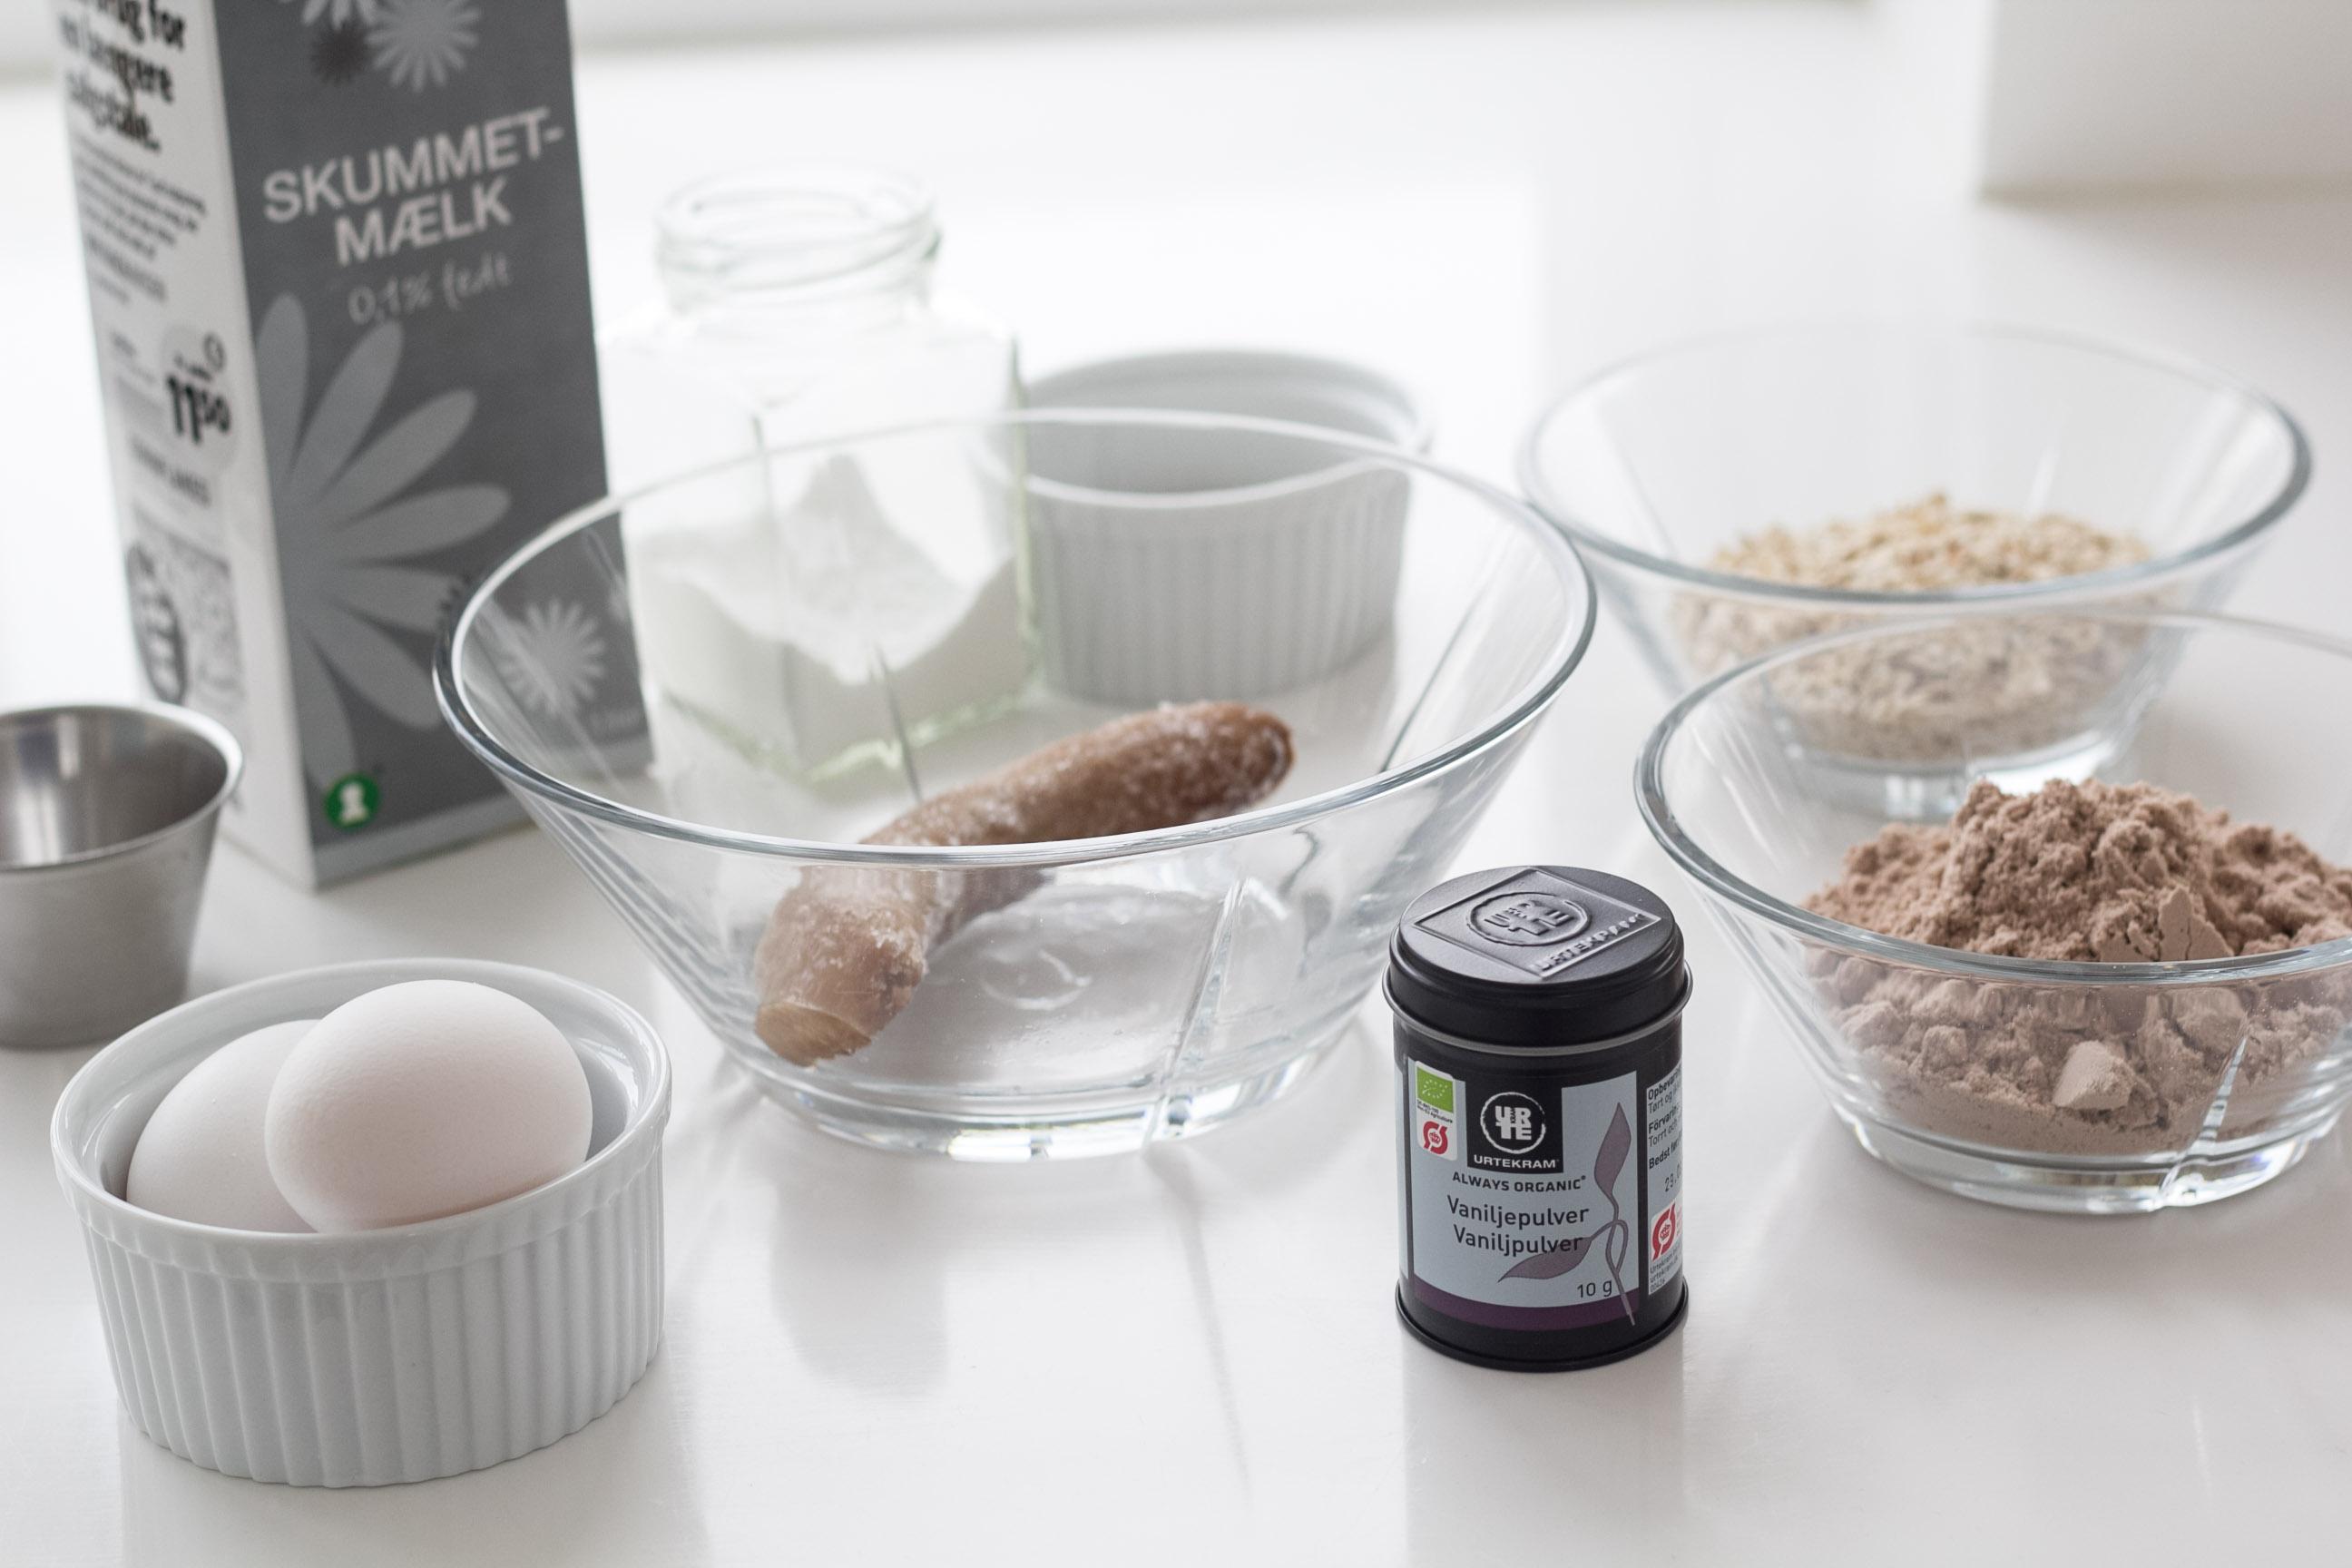 Opskrift på proteinpandekager (hjemmelavede protein pandekager)